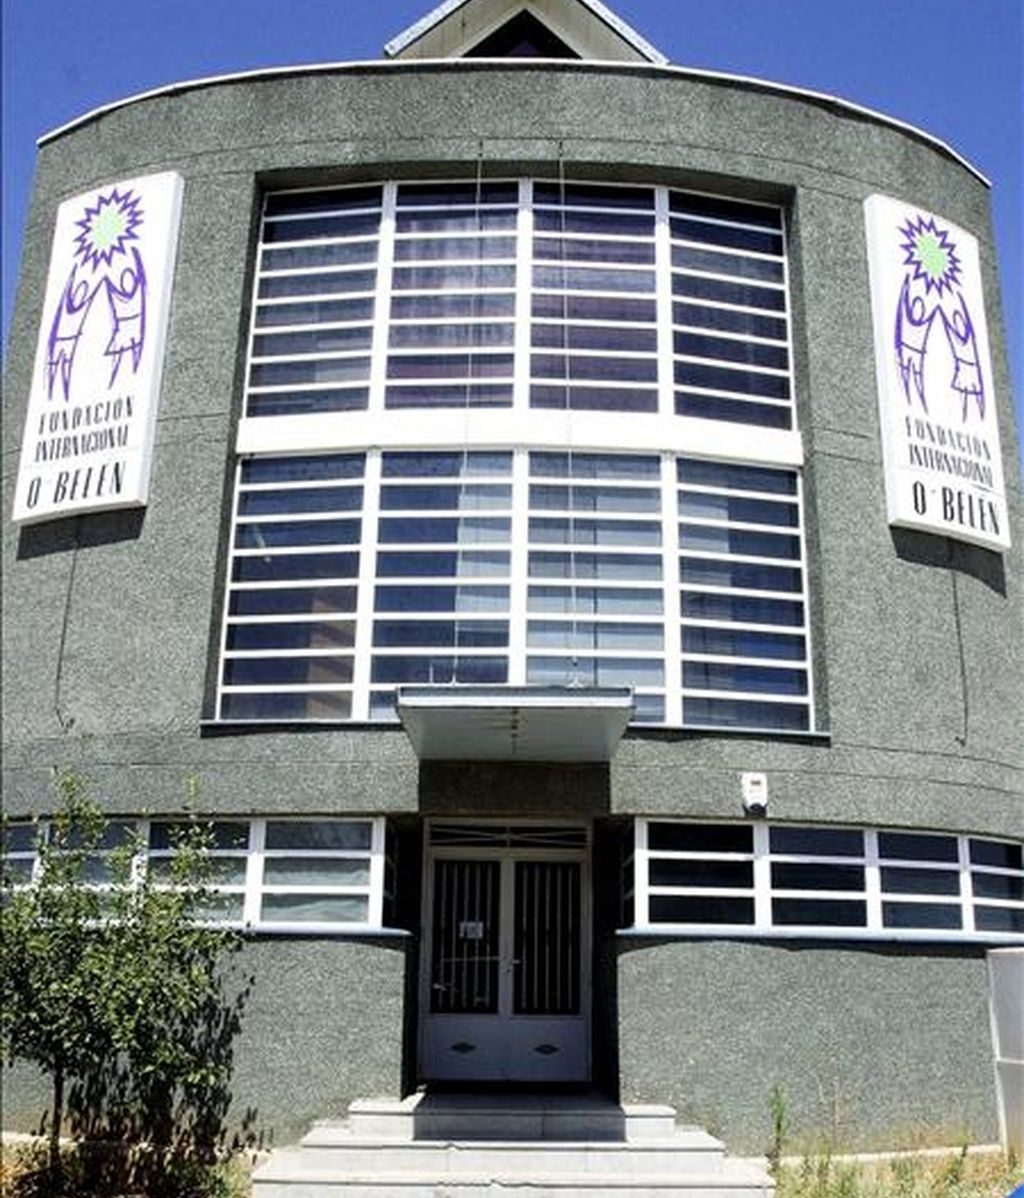 Fachada de la Fundación O'Belen, que gestiona el centro de menores 'Casa Joven' donde vivía la niña que se tiró de un vehículo en marcha cuando regresaba al centro de menores de Azuqueca de Henares (Guadalajara). EFE